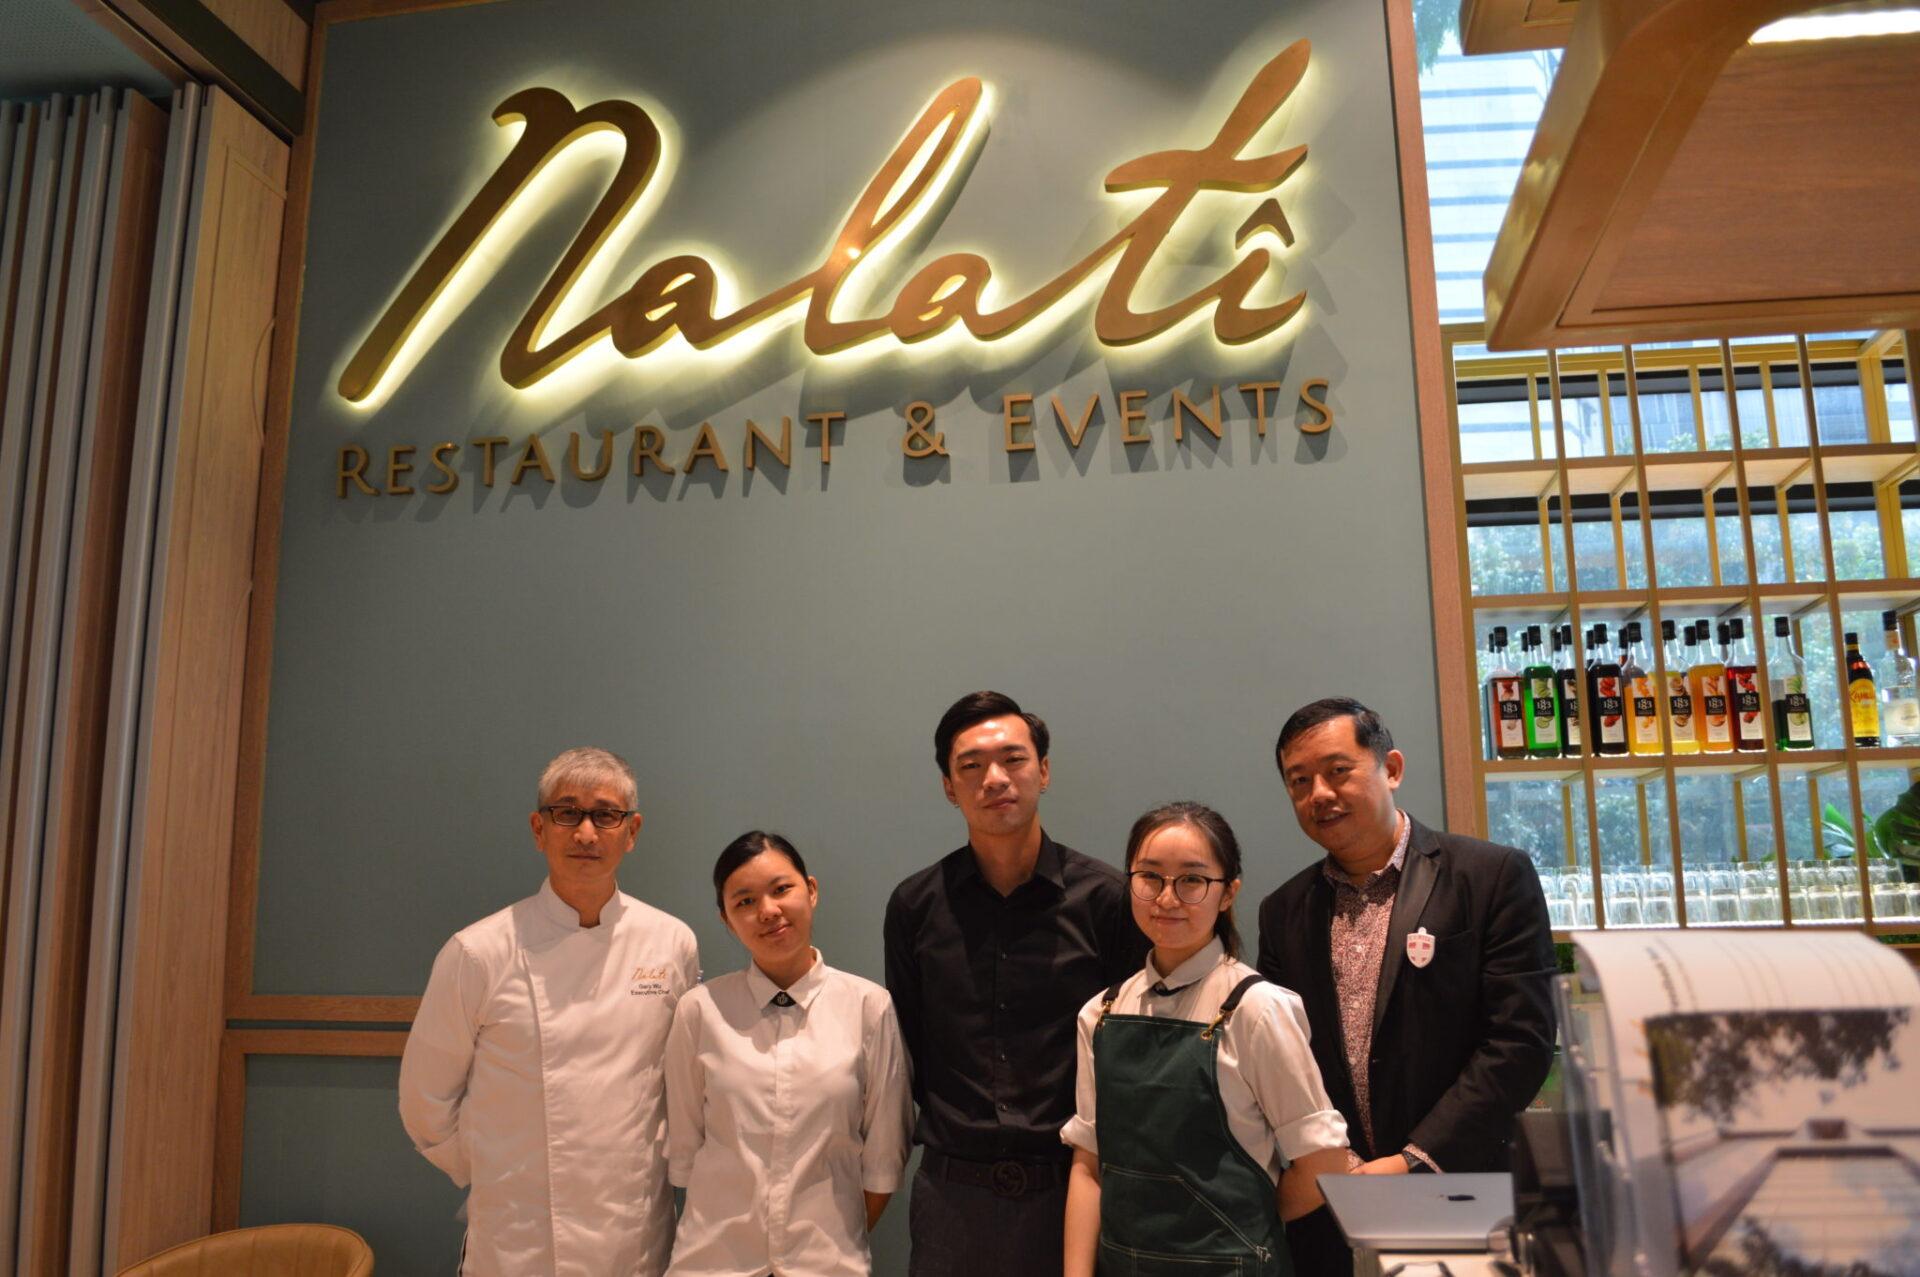 エリート陣が織りなす最高のフード、サービス、ドリンクをCBDのナチュラルレストランで満喫